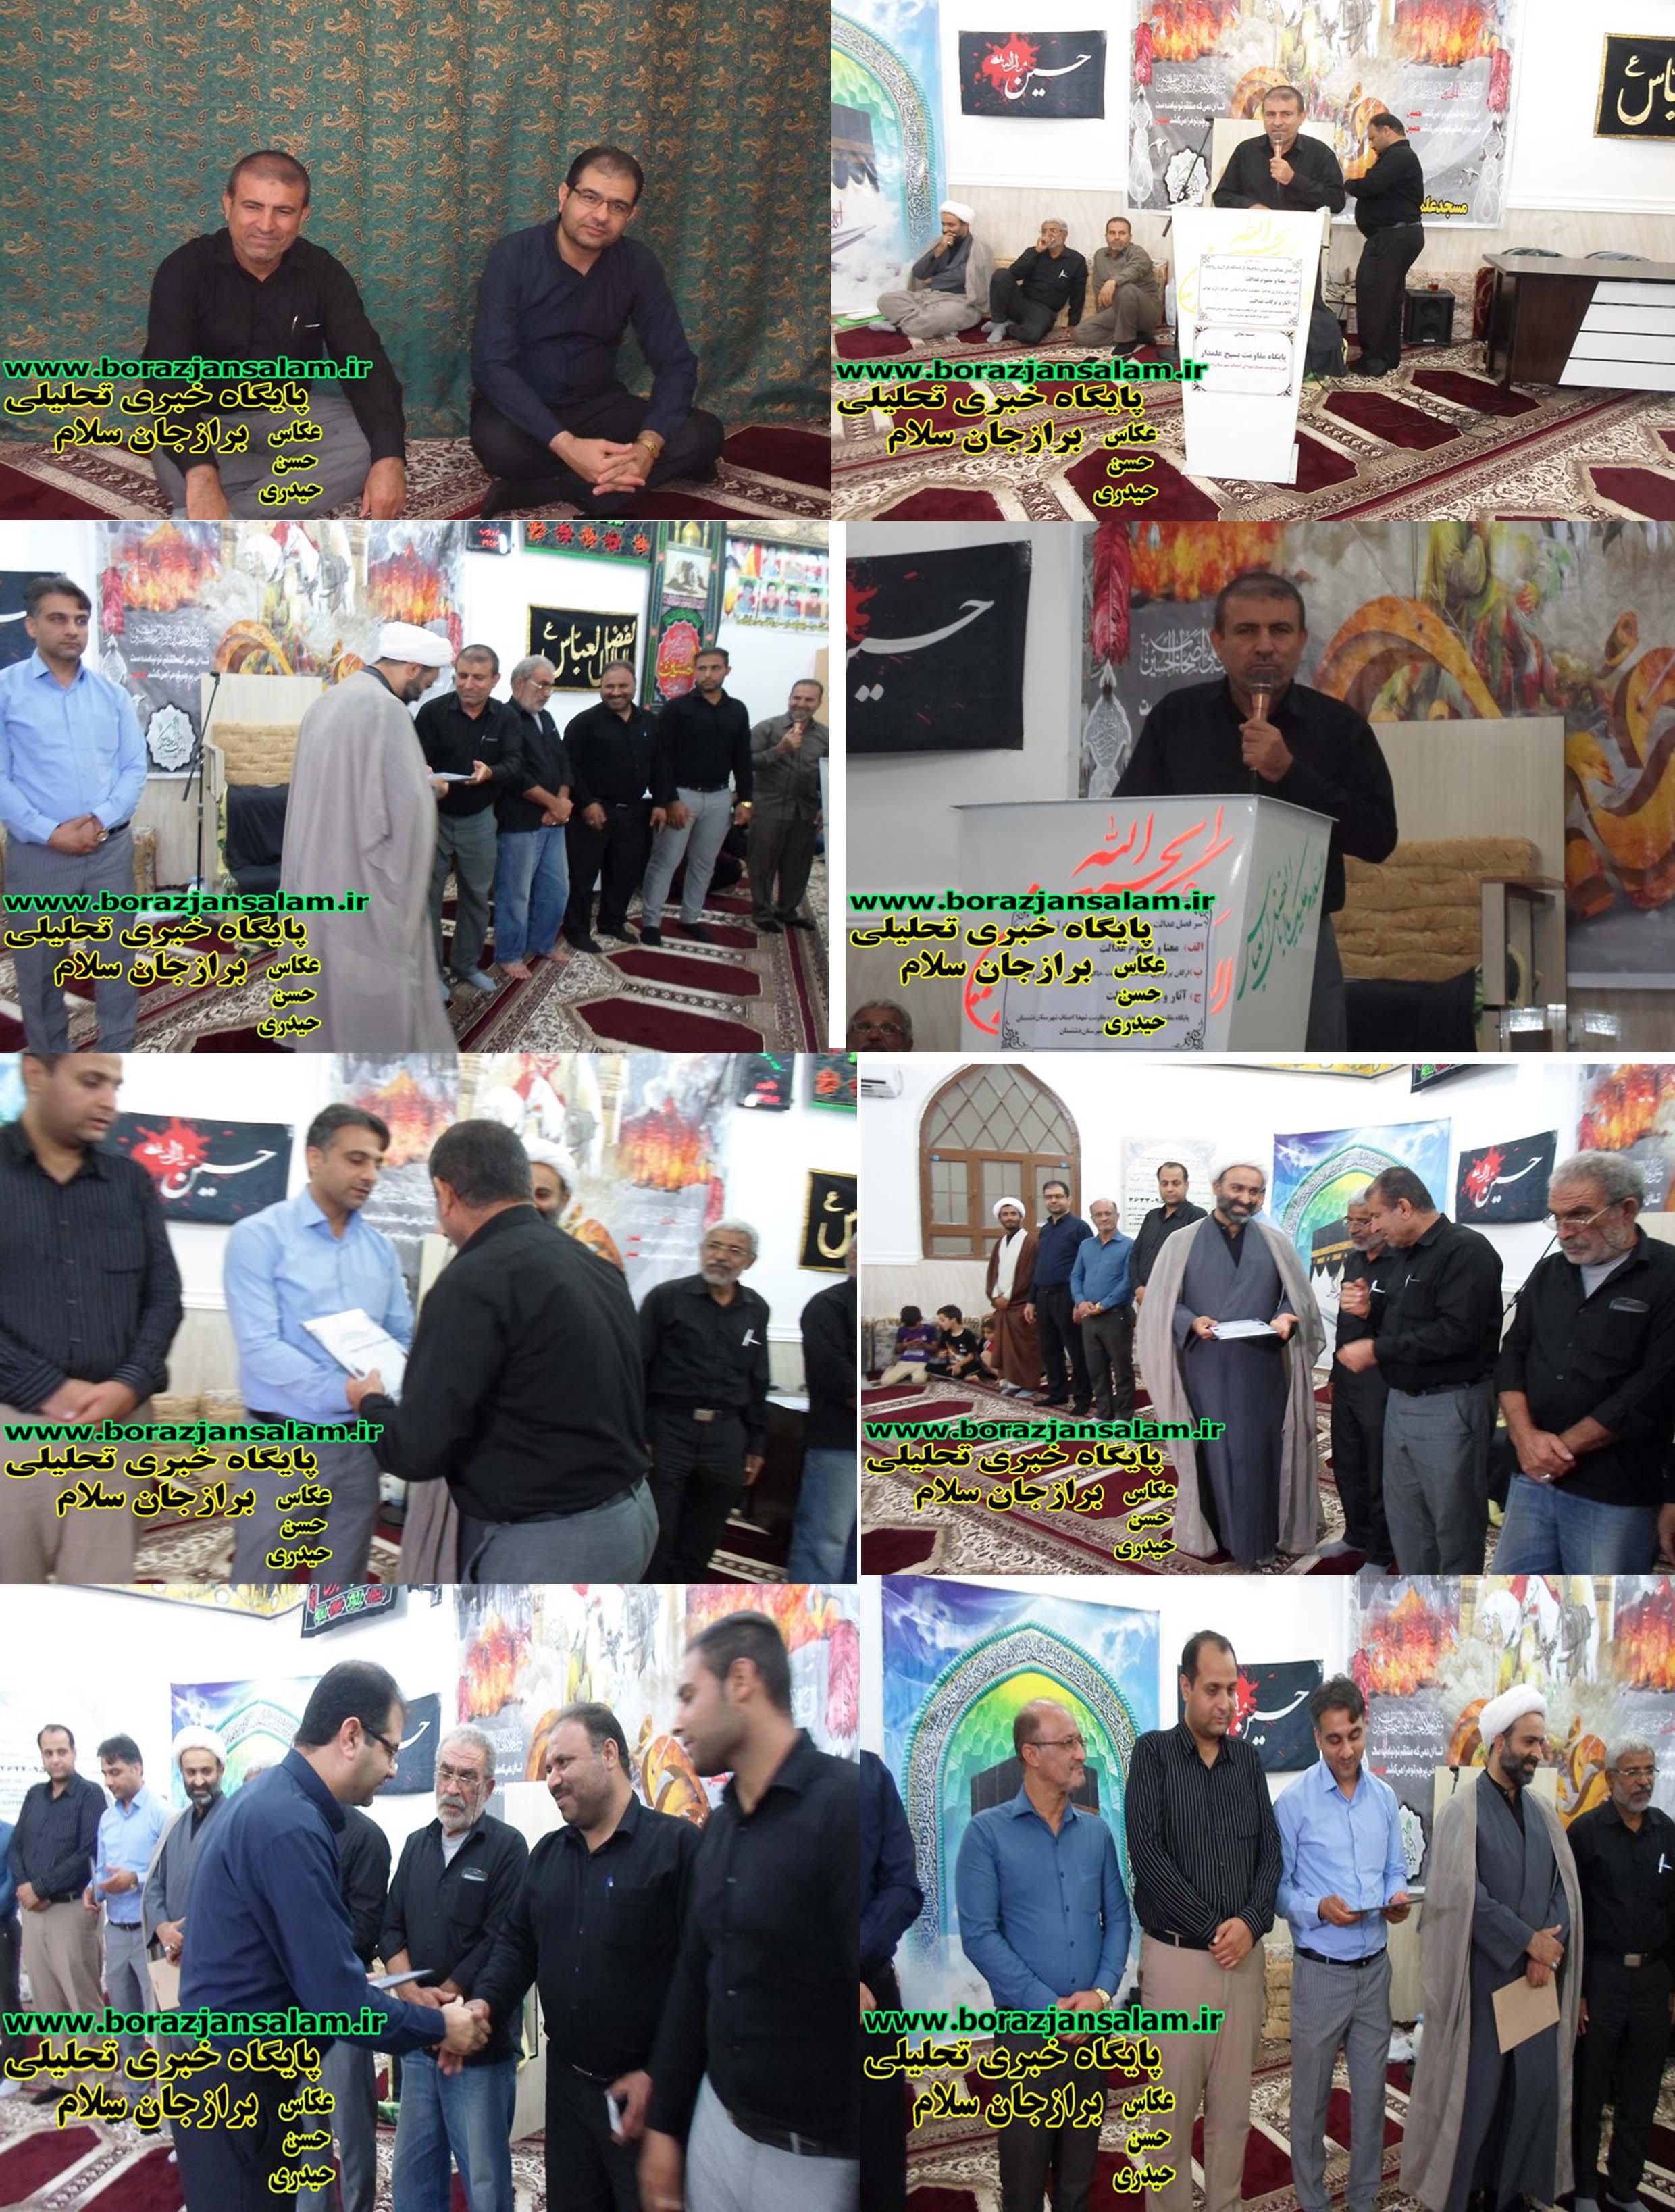 سخنرانی محراب بنافی ریس شورای اسلامی شهر برازجان در مسجد علمدار و تقدیر از مسولین در این مسجد